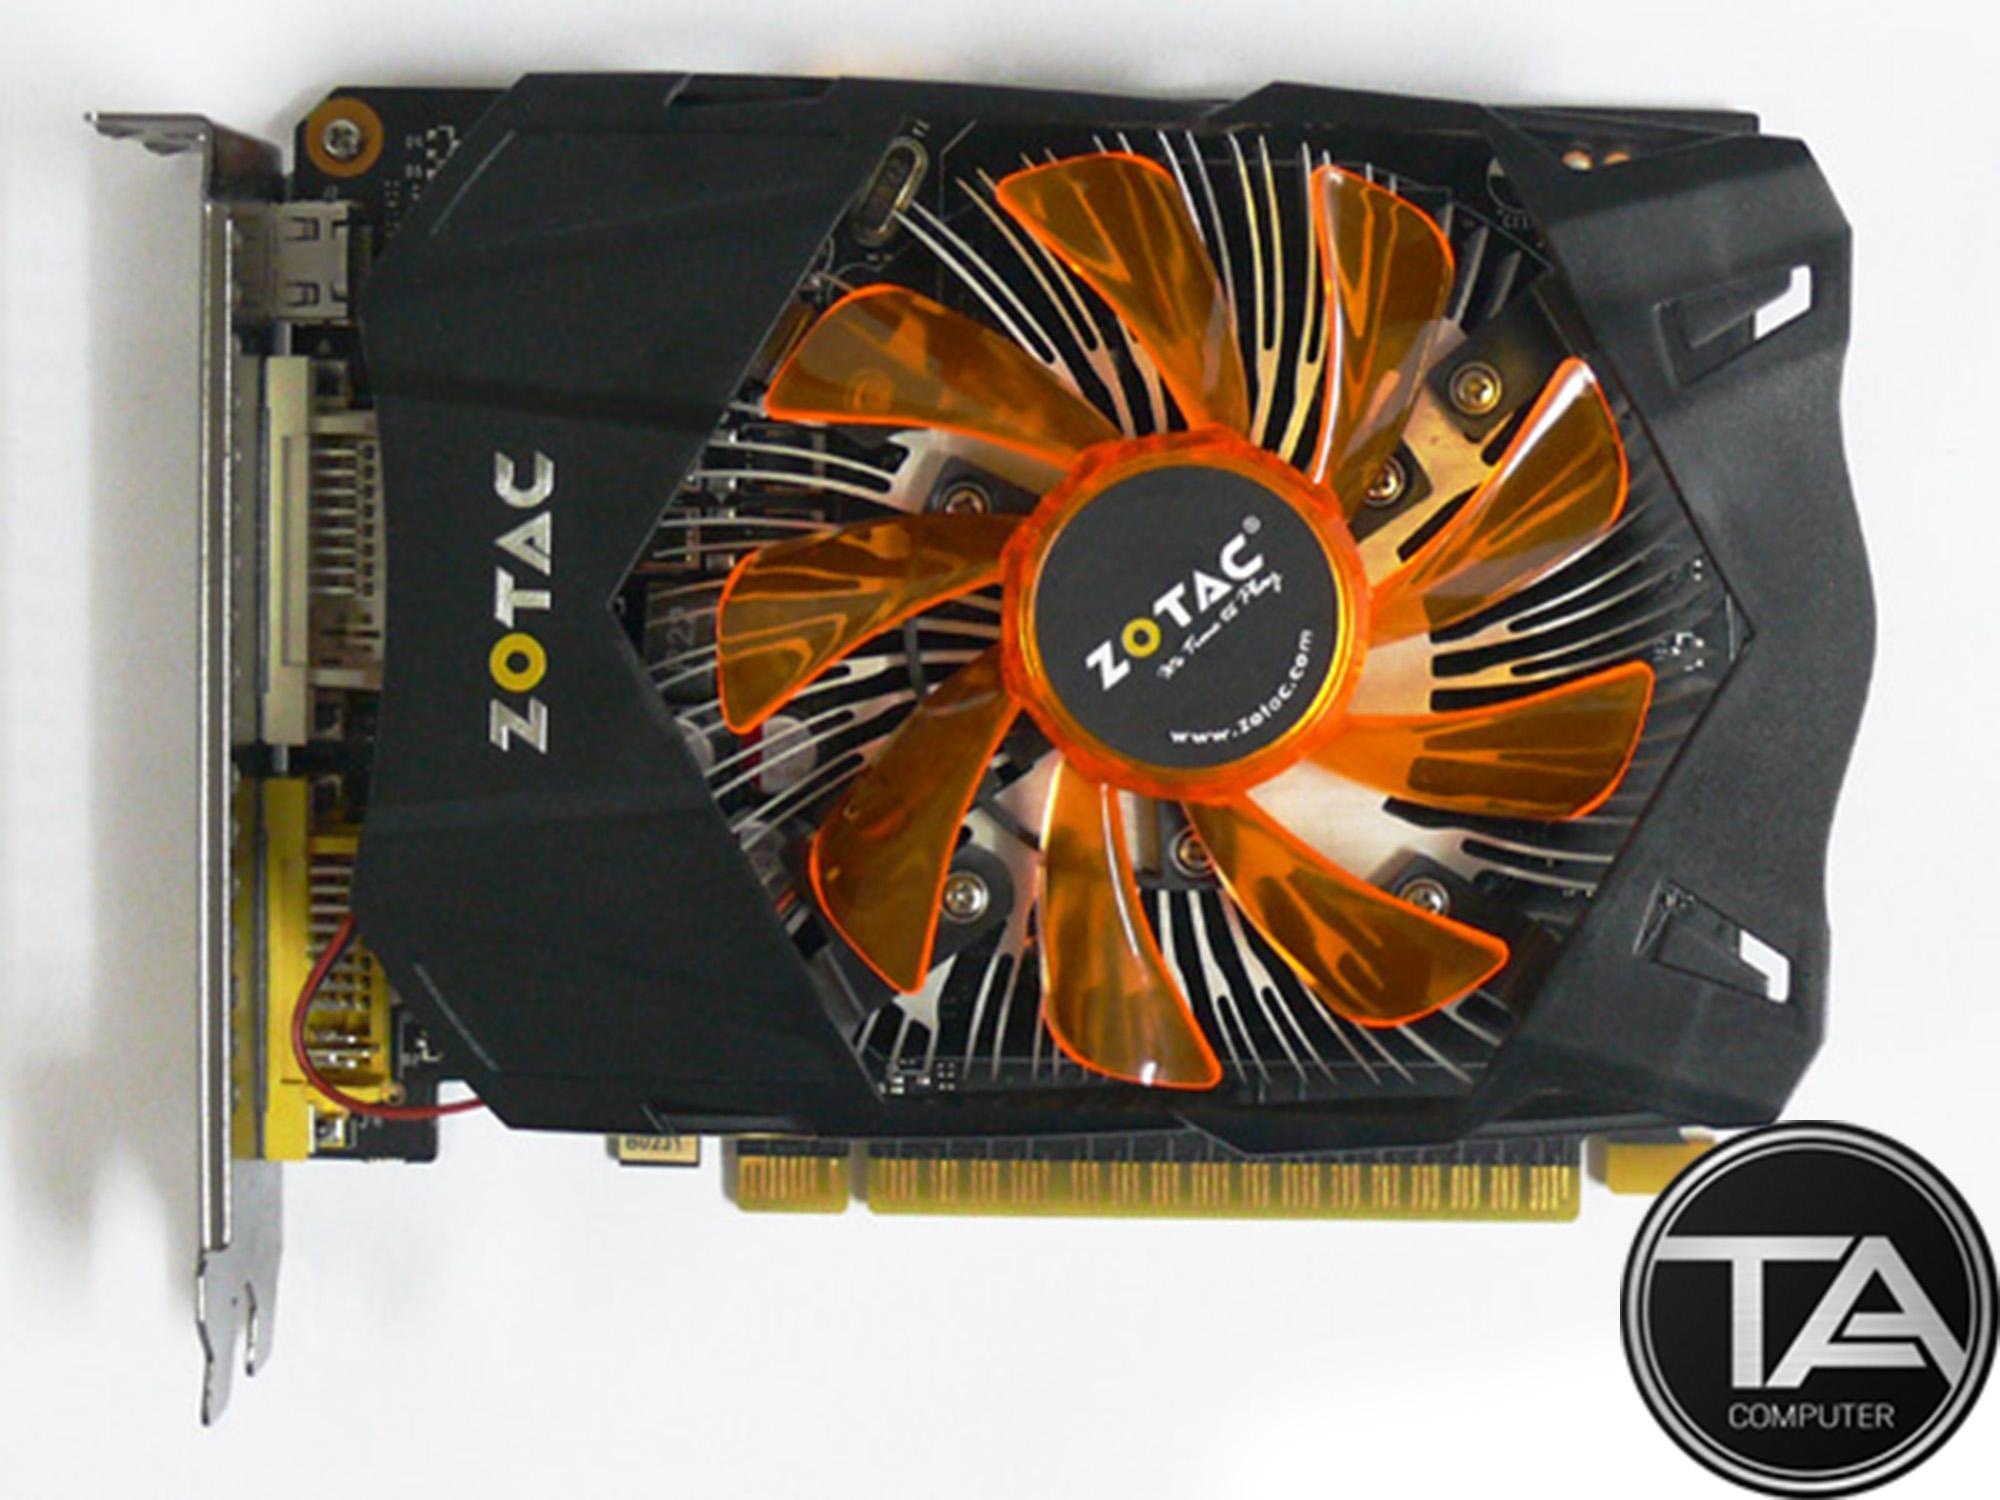 Hình ảnh Card đồ họa Zotac GTX 750Ti 2Gb DDR5 128bit - Zotac GTX 750Ti 2GB